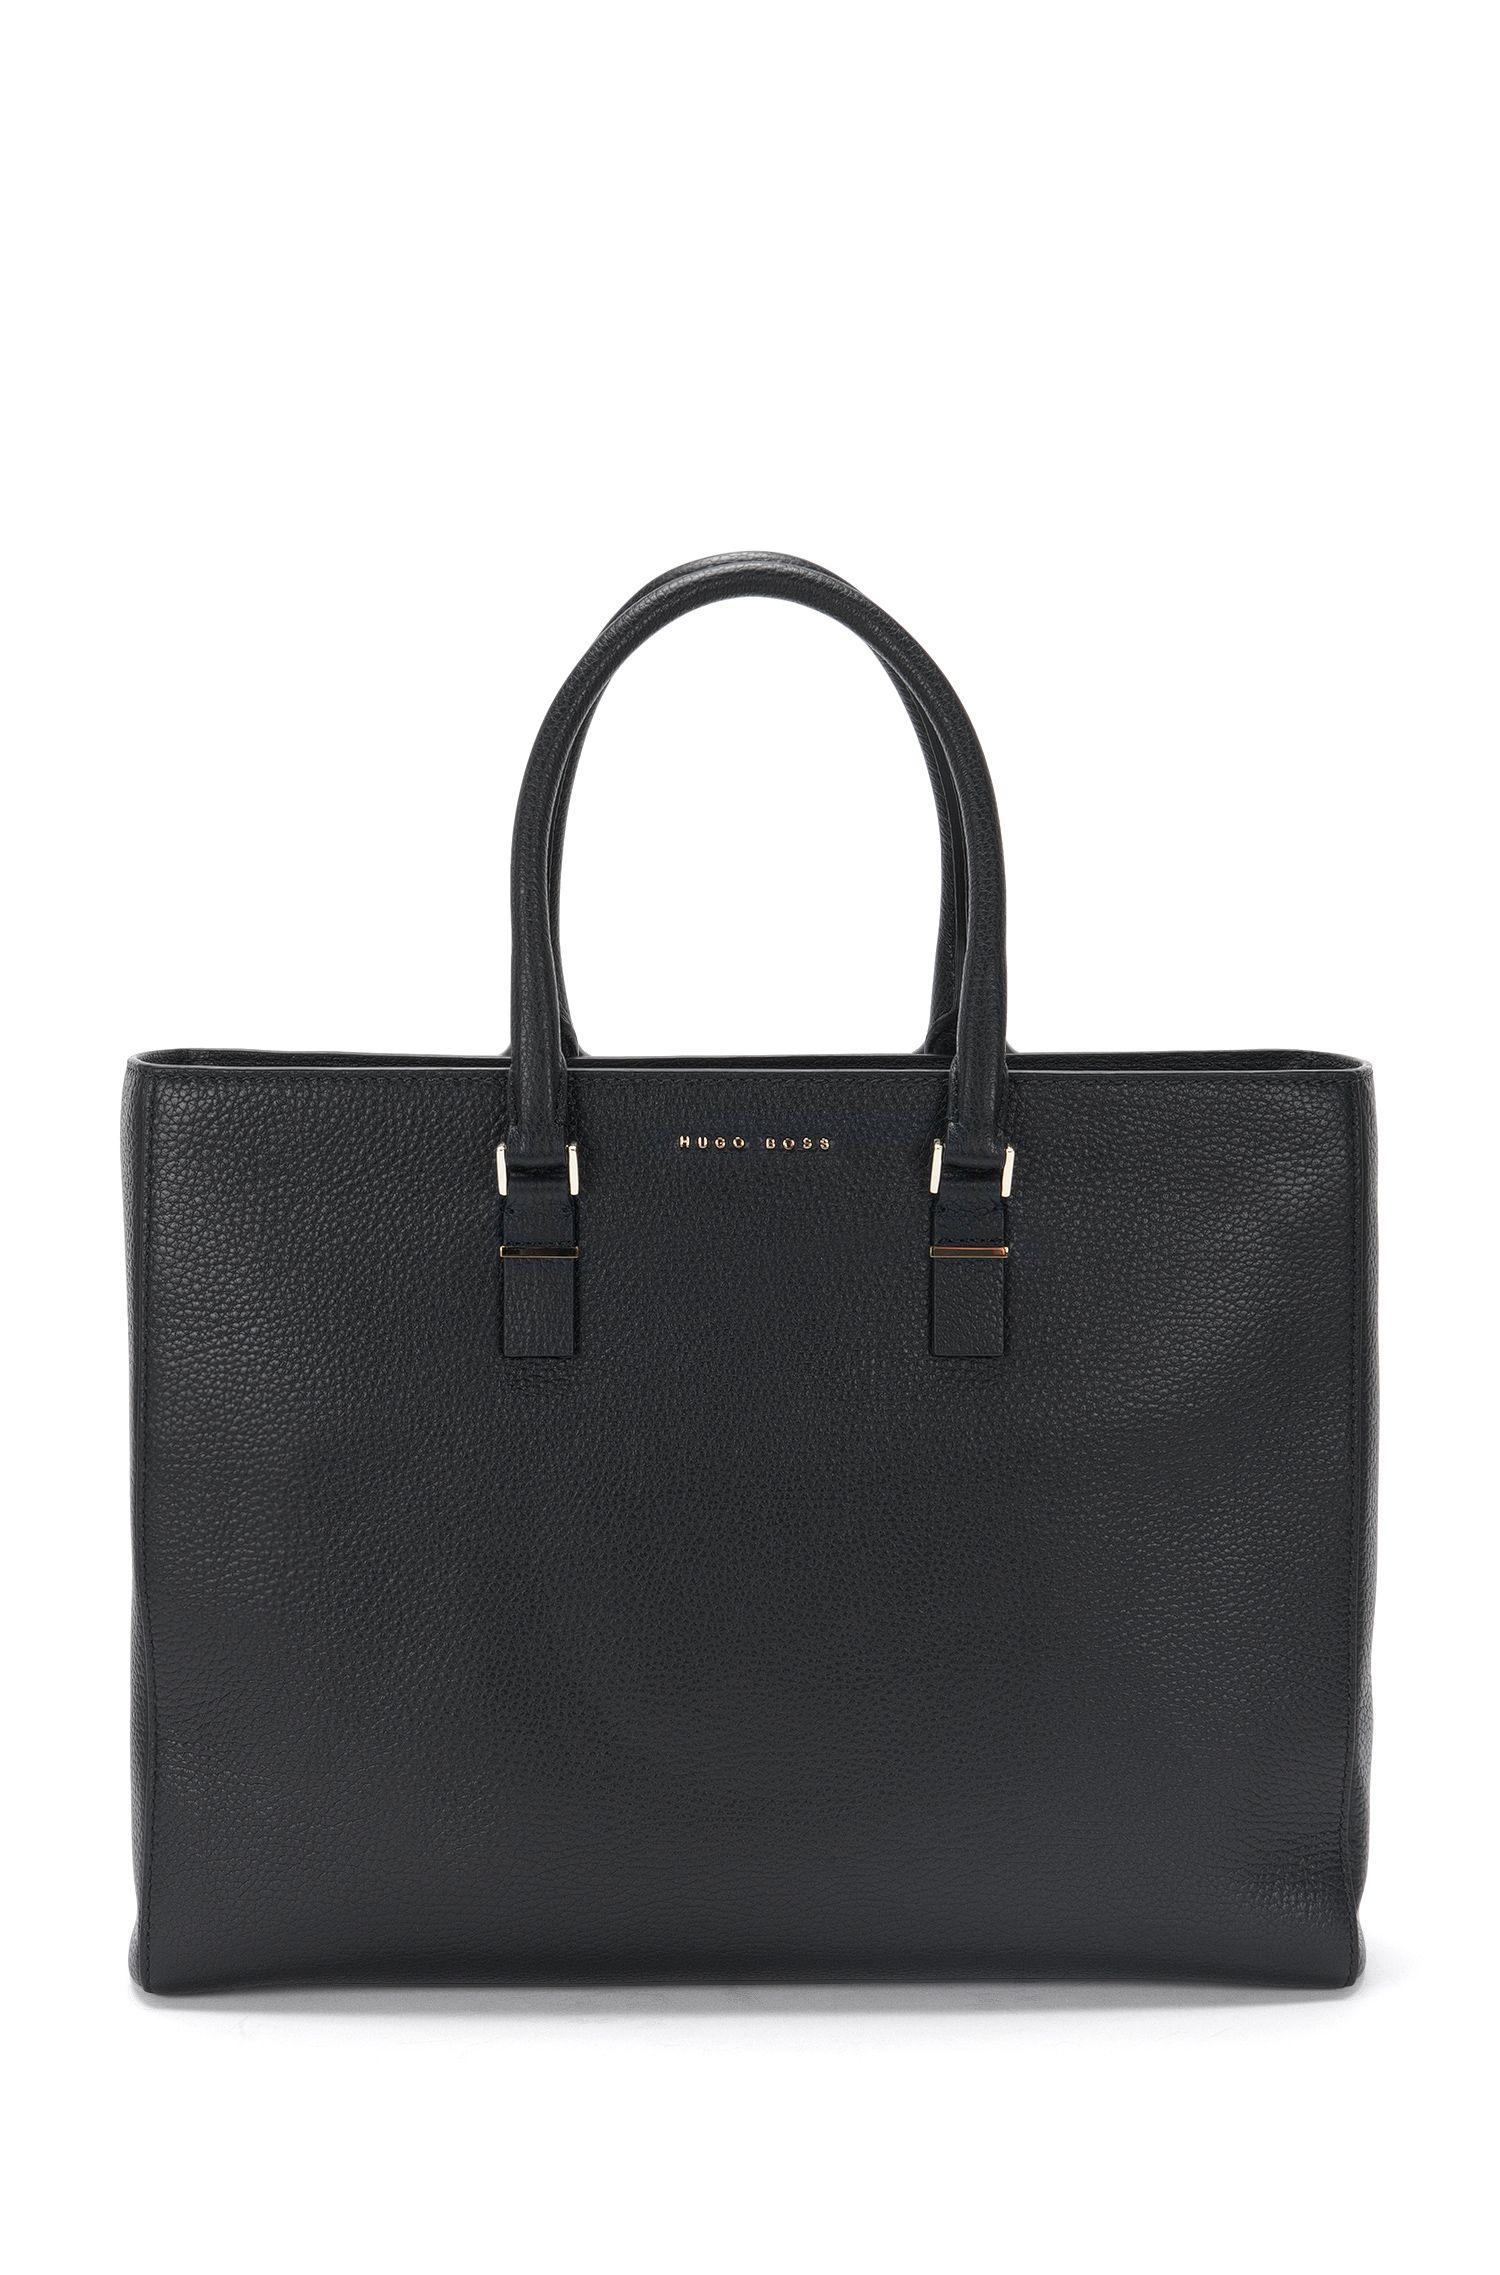 Workbag van luxueus Italiaans leer uit de Luxury Staple-collectie van BOSS